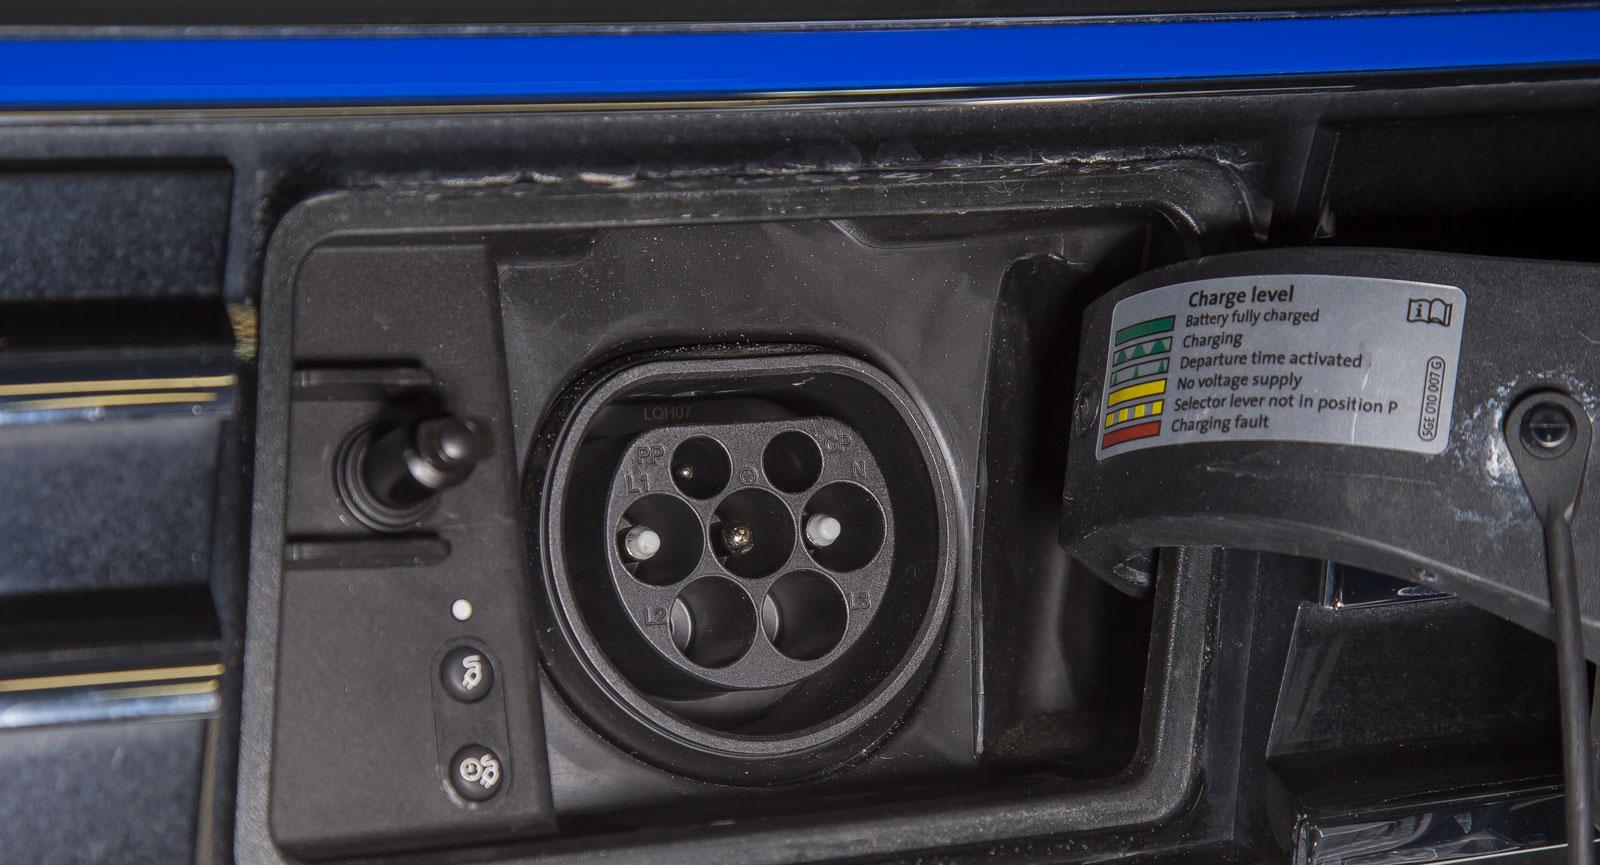 I den bästa av världar hade det bara funnits en kontakt för elbilsladdning. Nu finns flera standarder att hålla reda på. (På bilden syns ett Typ 2-uttag, som är den allra vanligaste modellen).